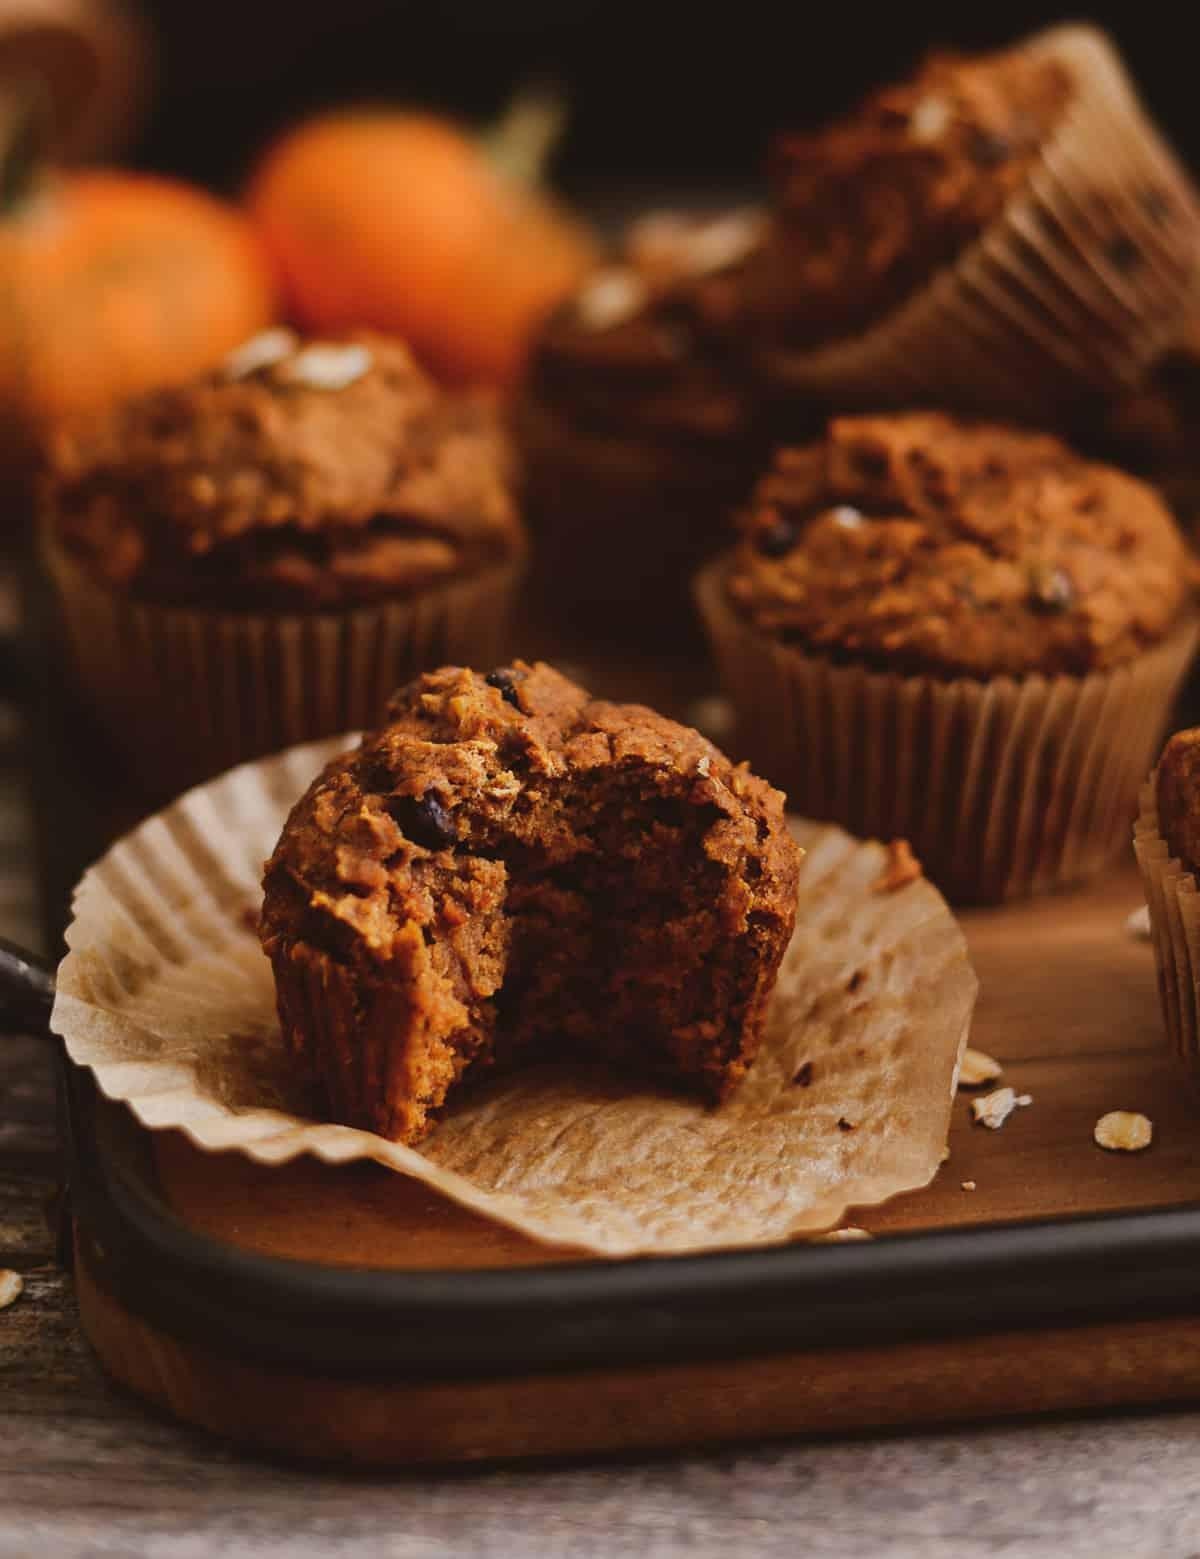 Vegan pumpkin muffin that has been bitten.